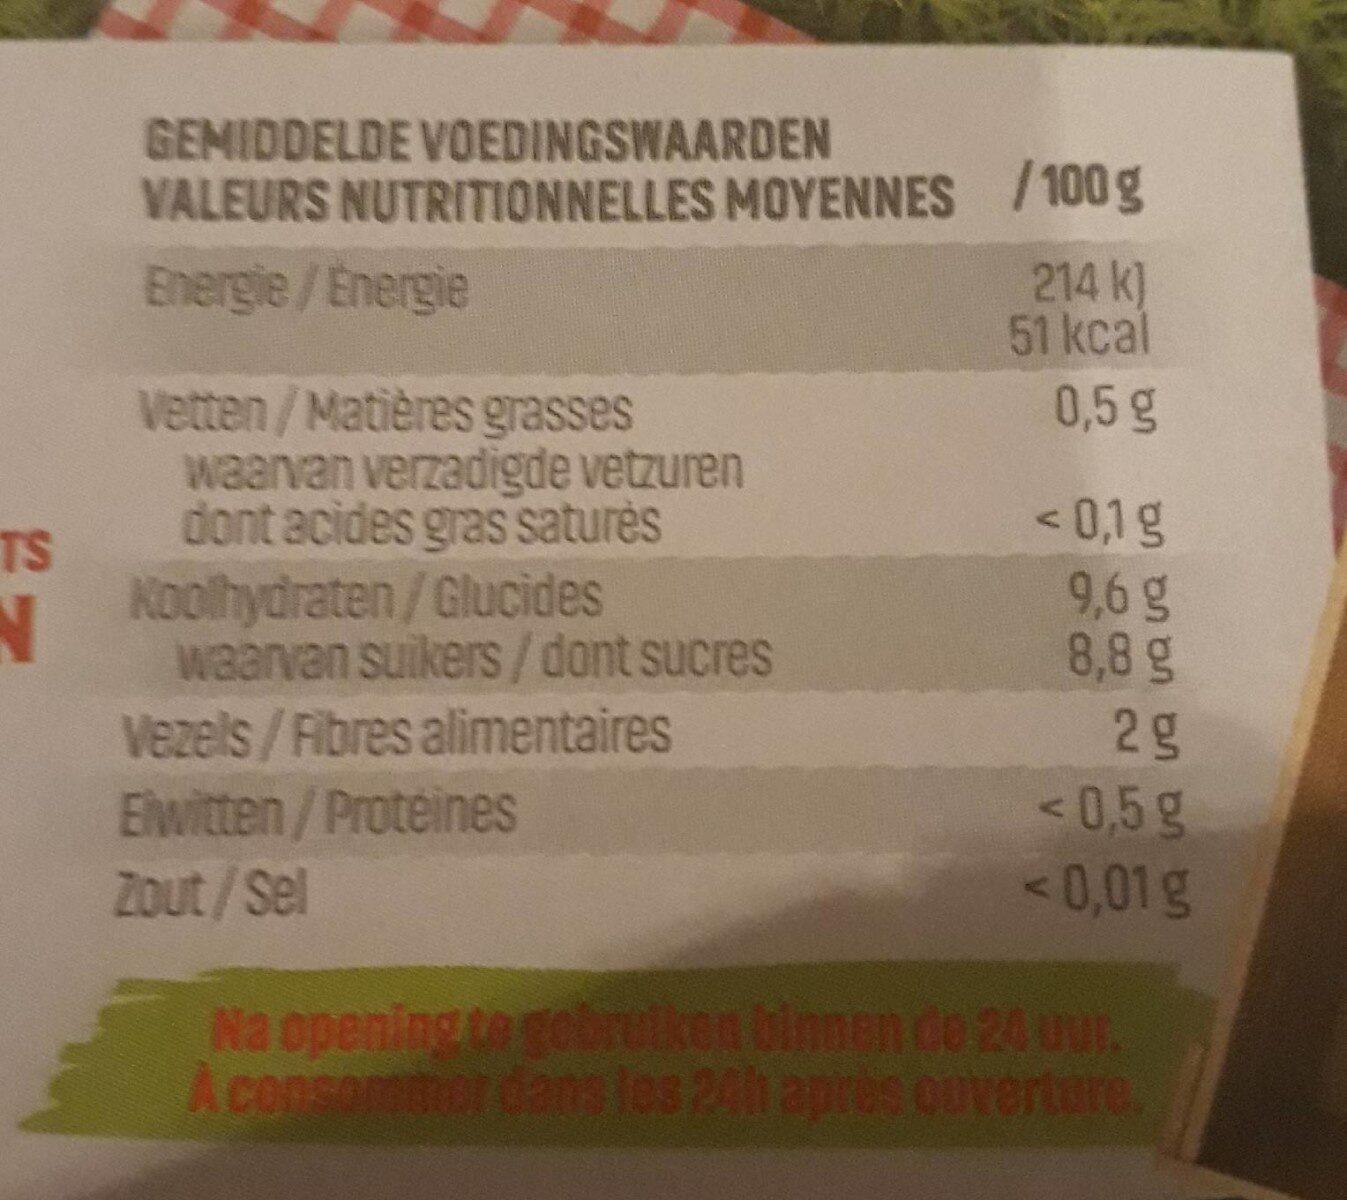 materne pocket fraises - Voedingswaarden - fr